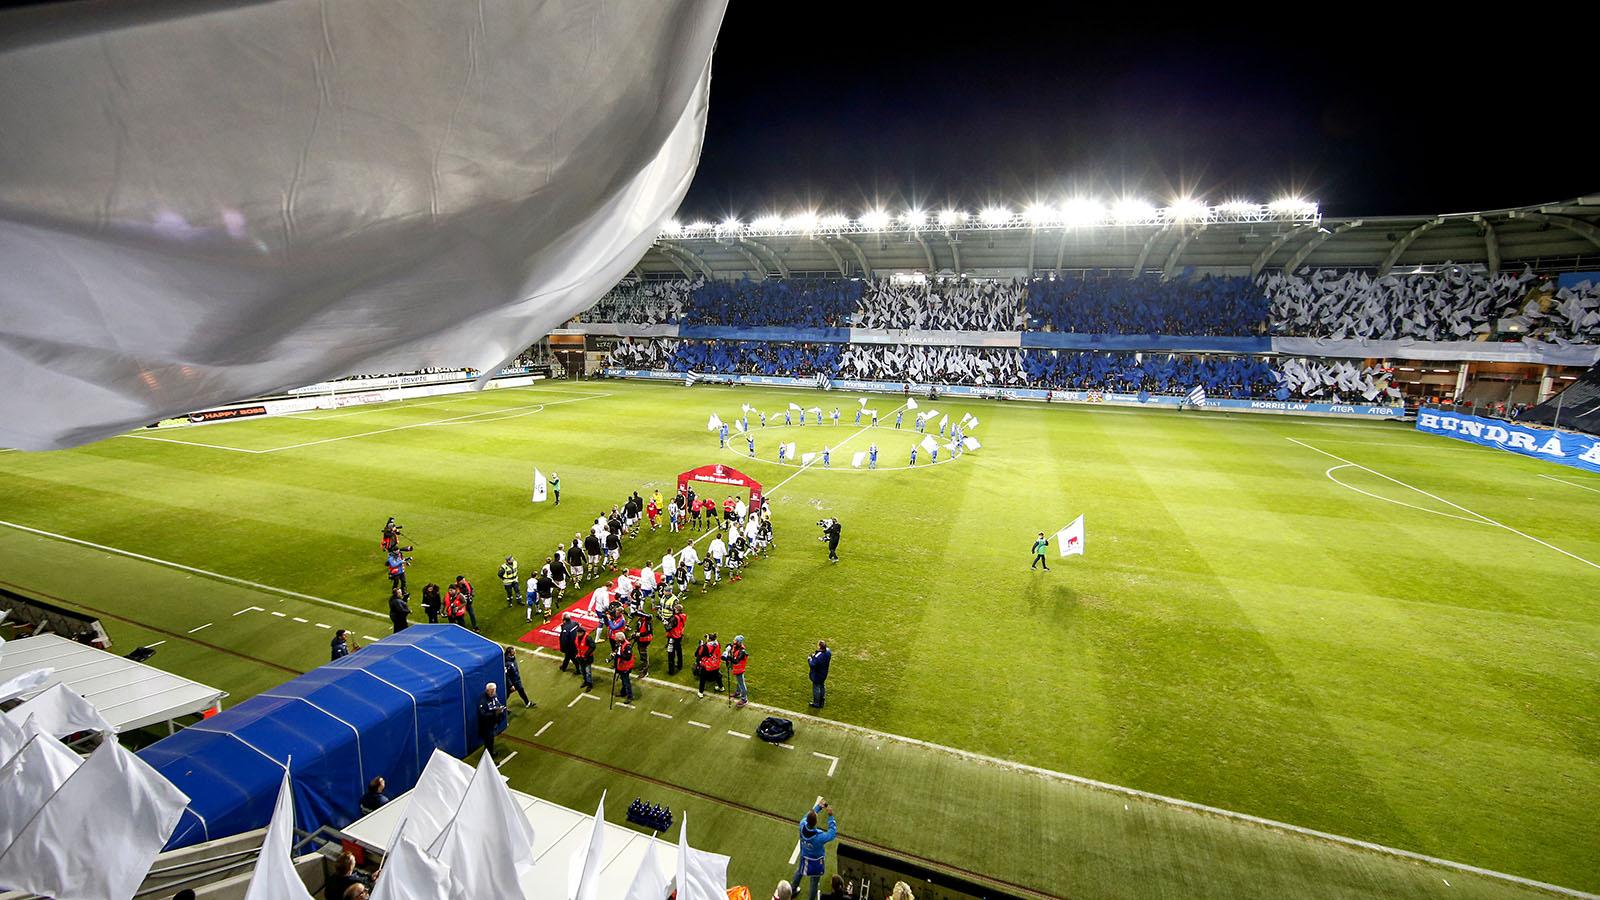 161024 IFK Göteborgs supporters inför fotbollsmatchen i Allsvenskan mellan IFK Göteborg och AIK den 24 oktober 2016 i Göteborg.